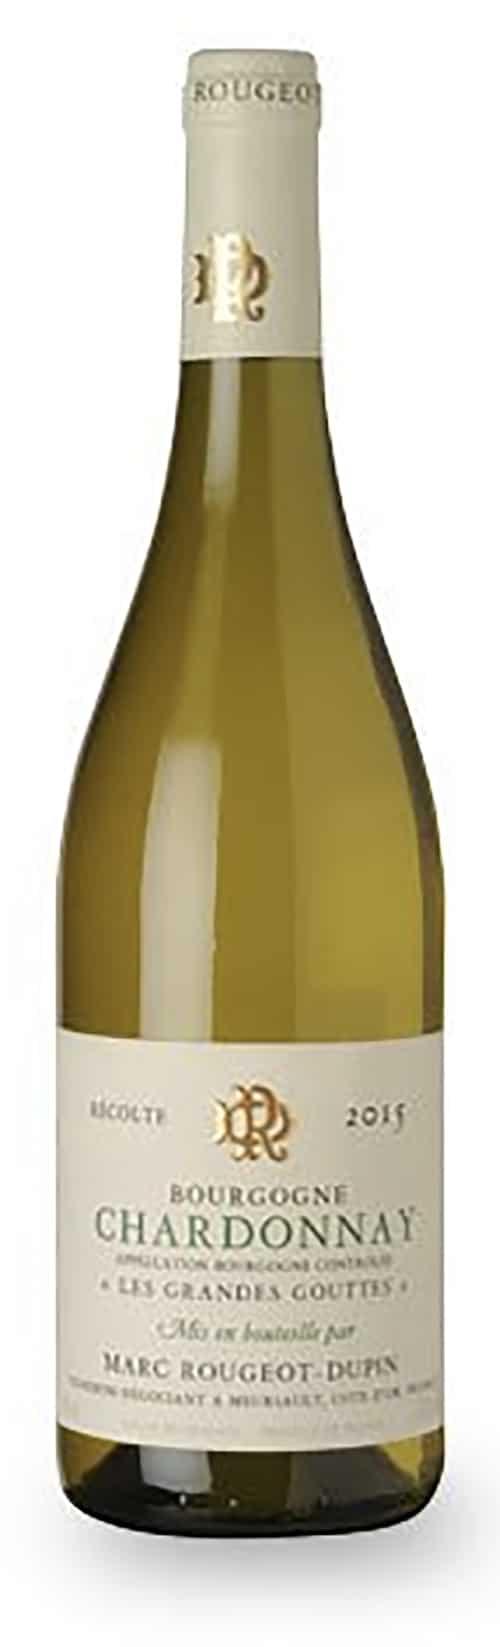 Bourgogne Chardonnay Les Grandes Gouttes